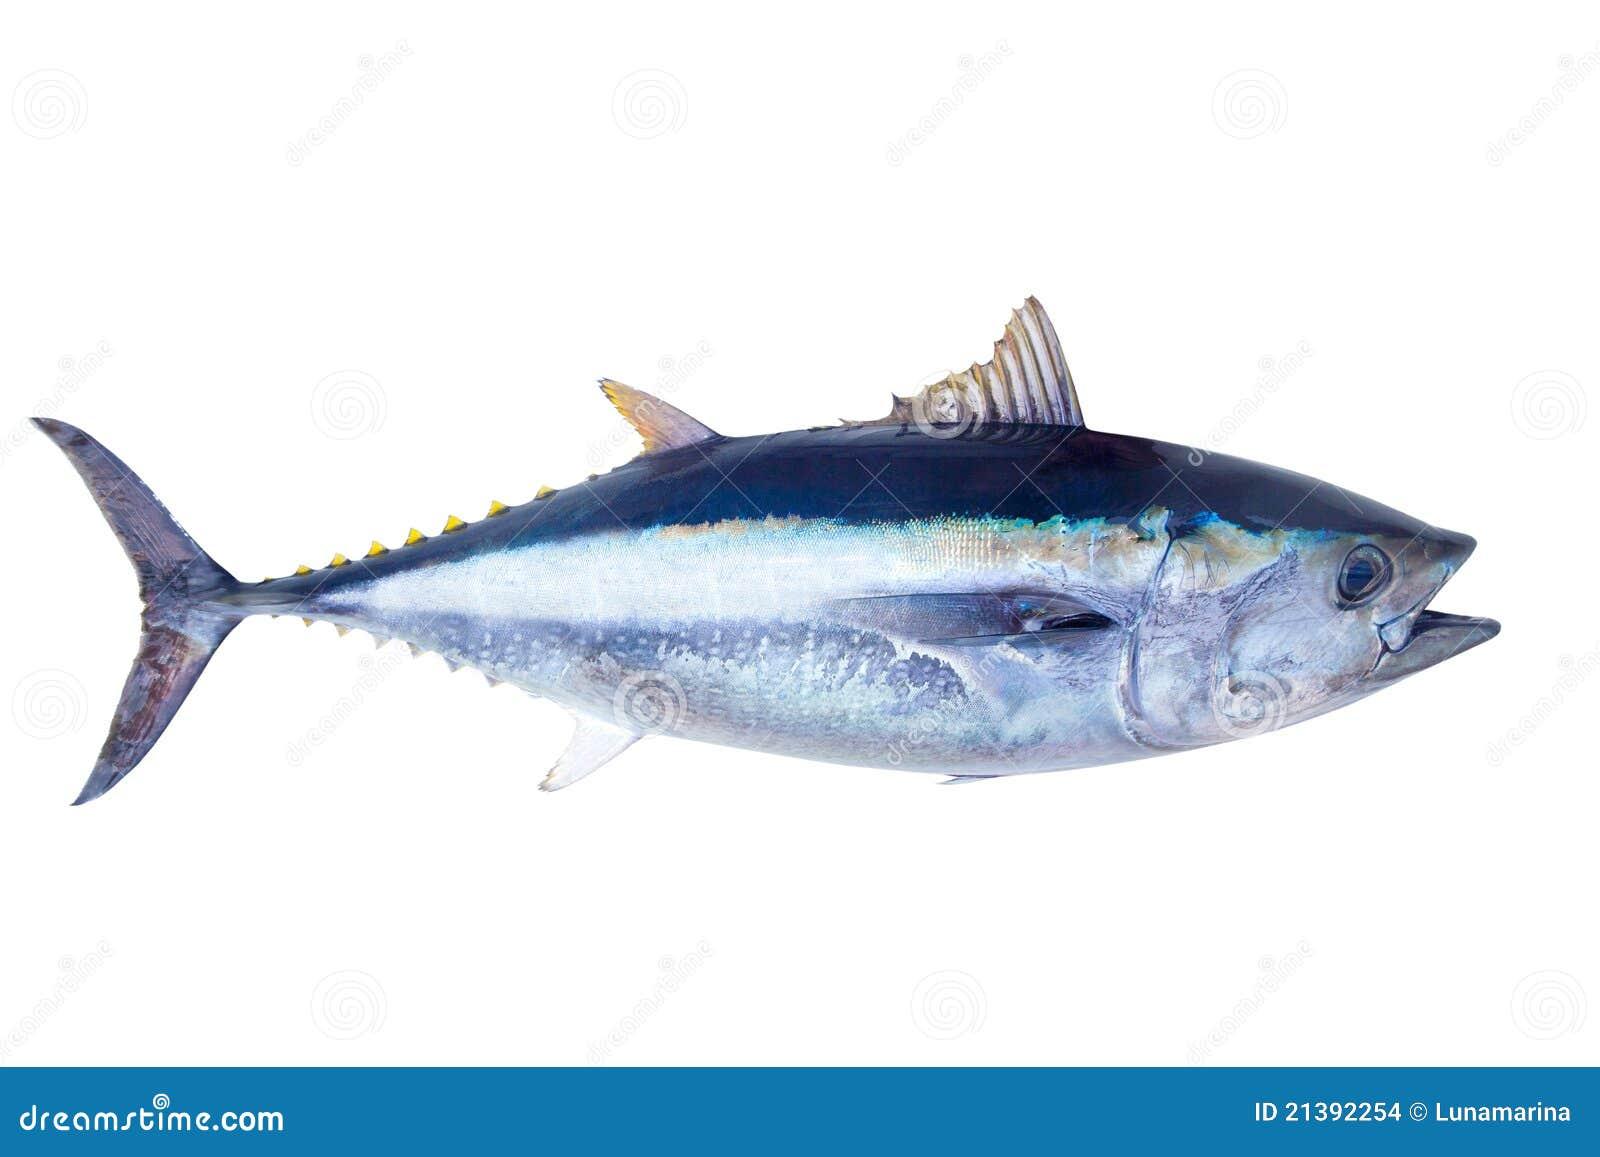 Poissons de mer de thynnus de thunnus de thon de thonine - Grand poisson de mer ...